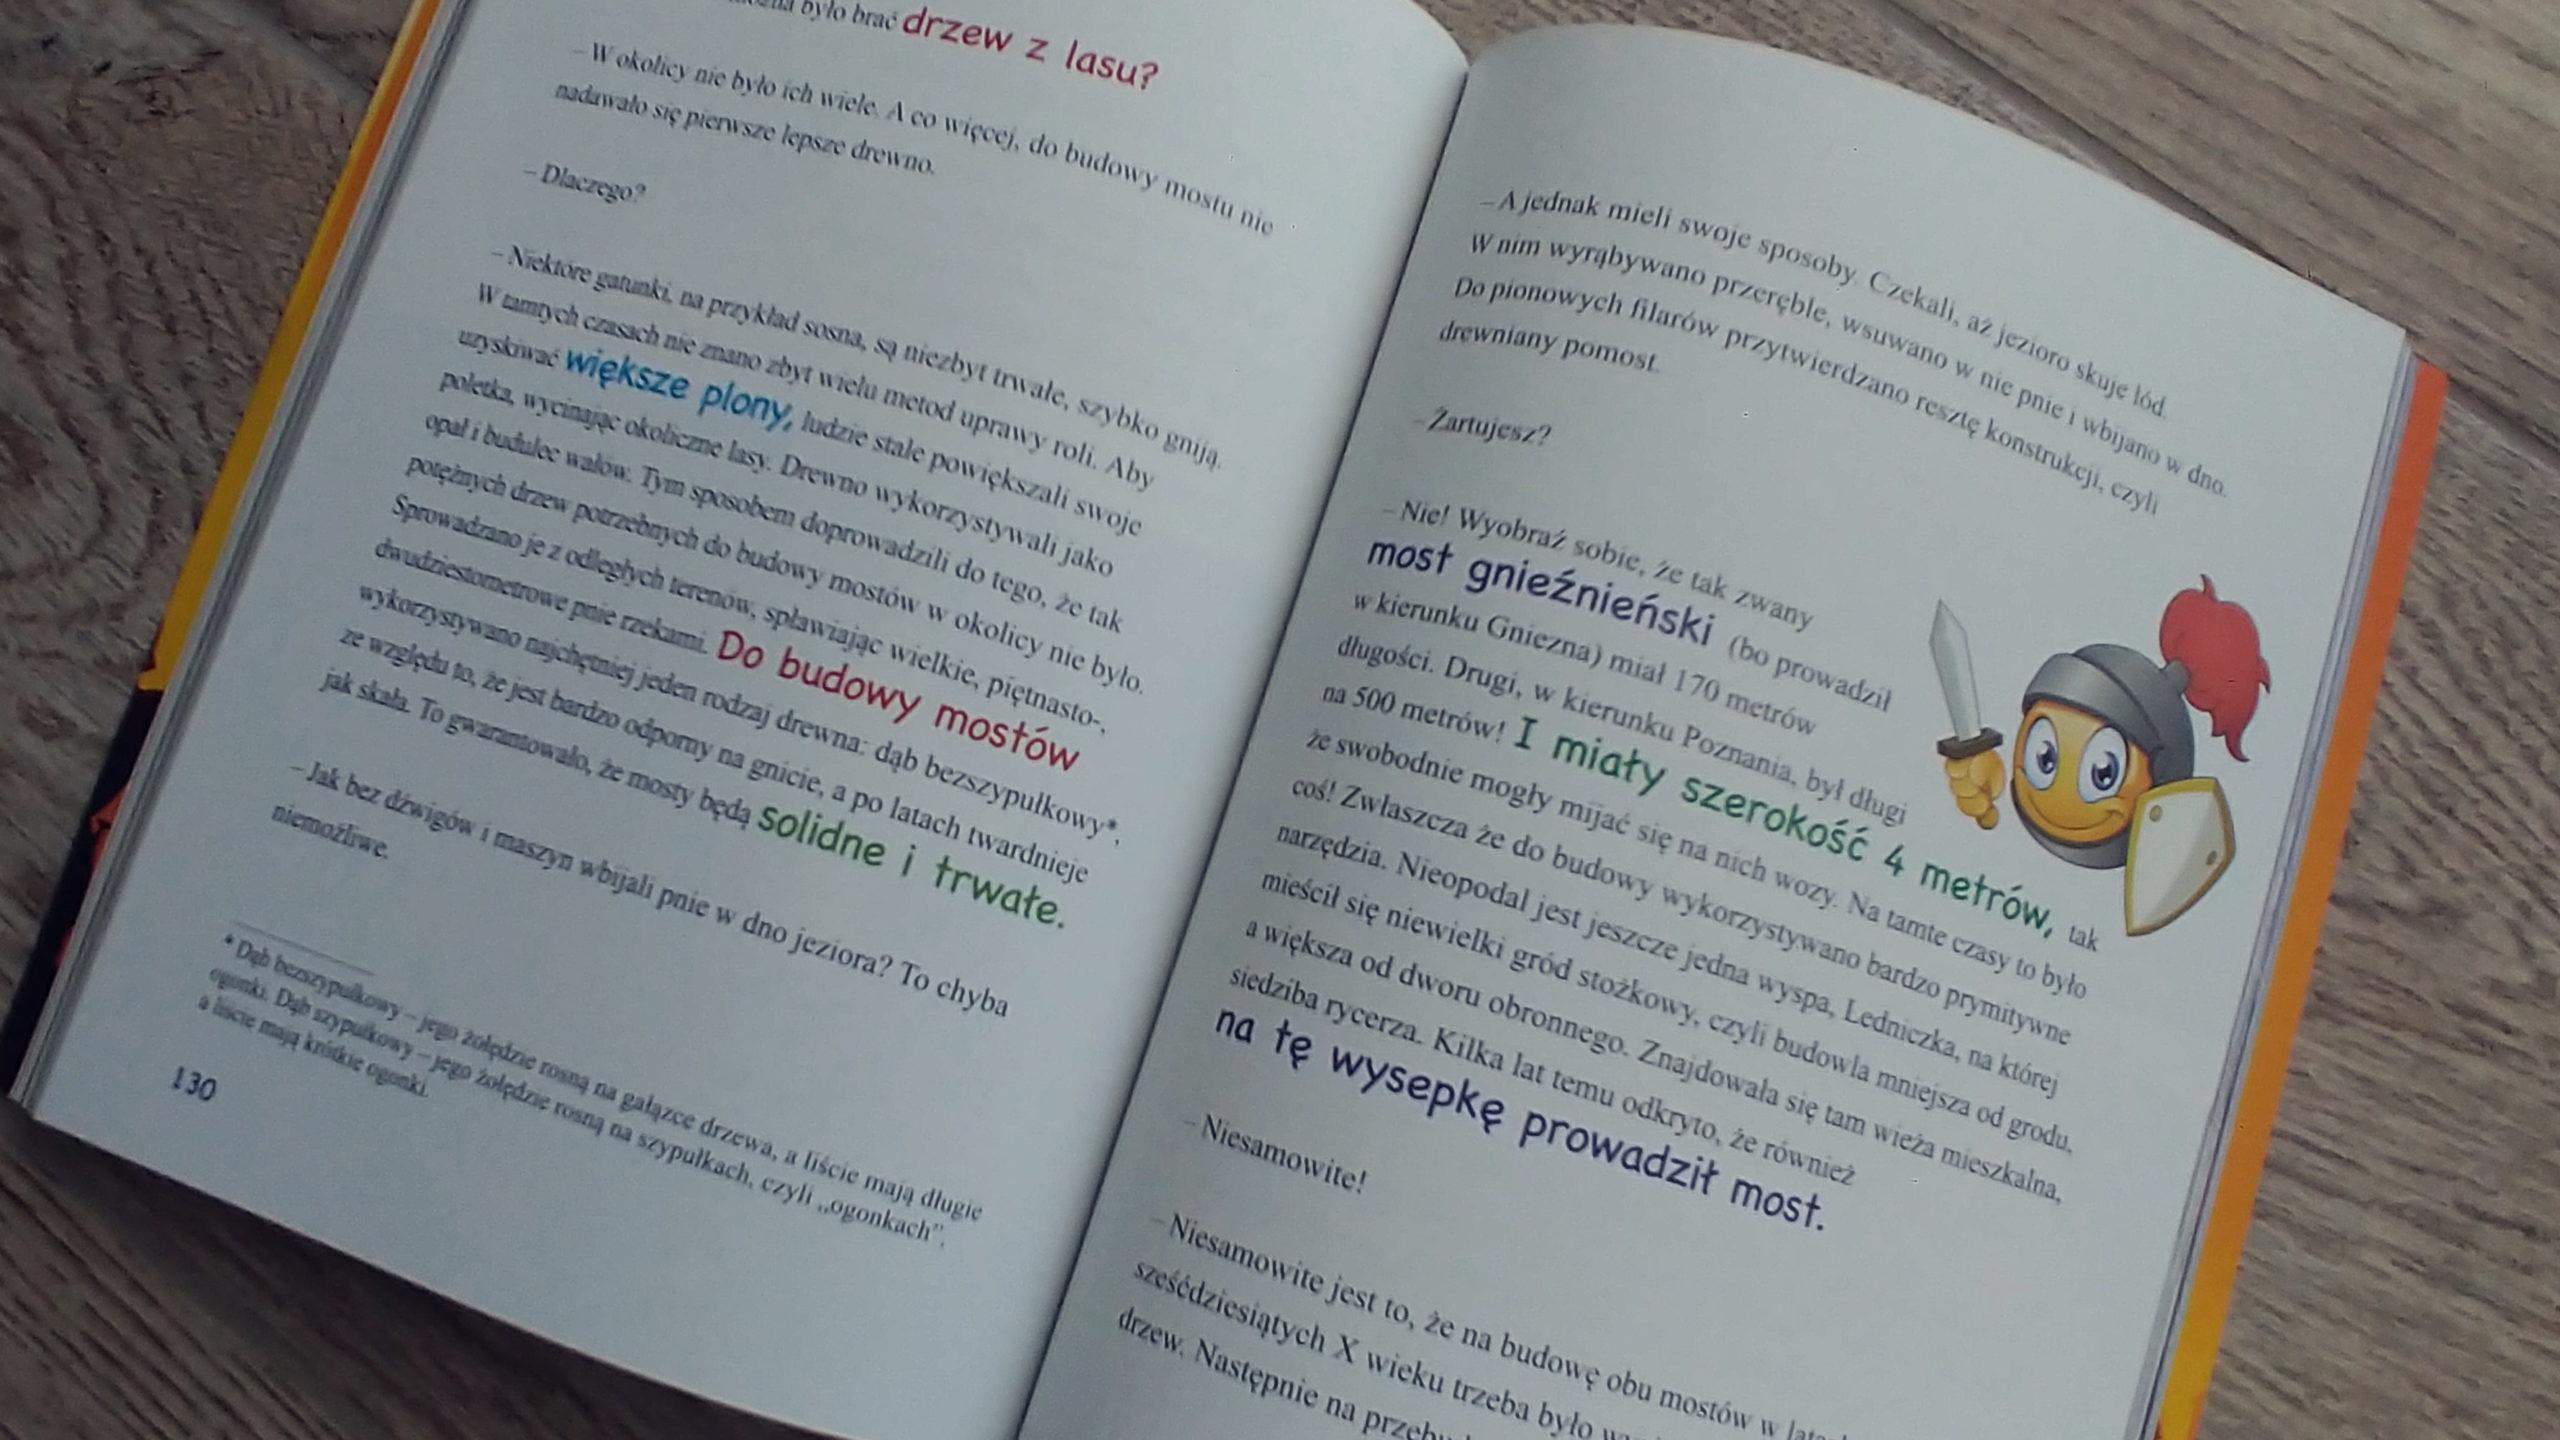 Kuba na tropie recenzja książki